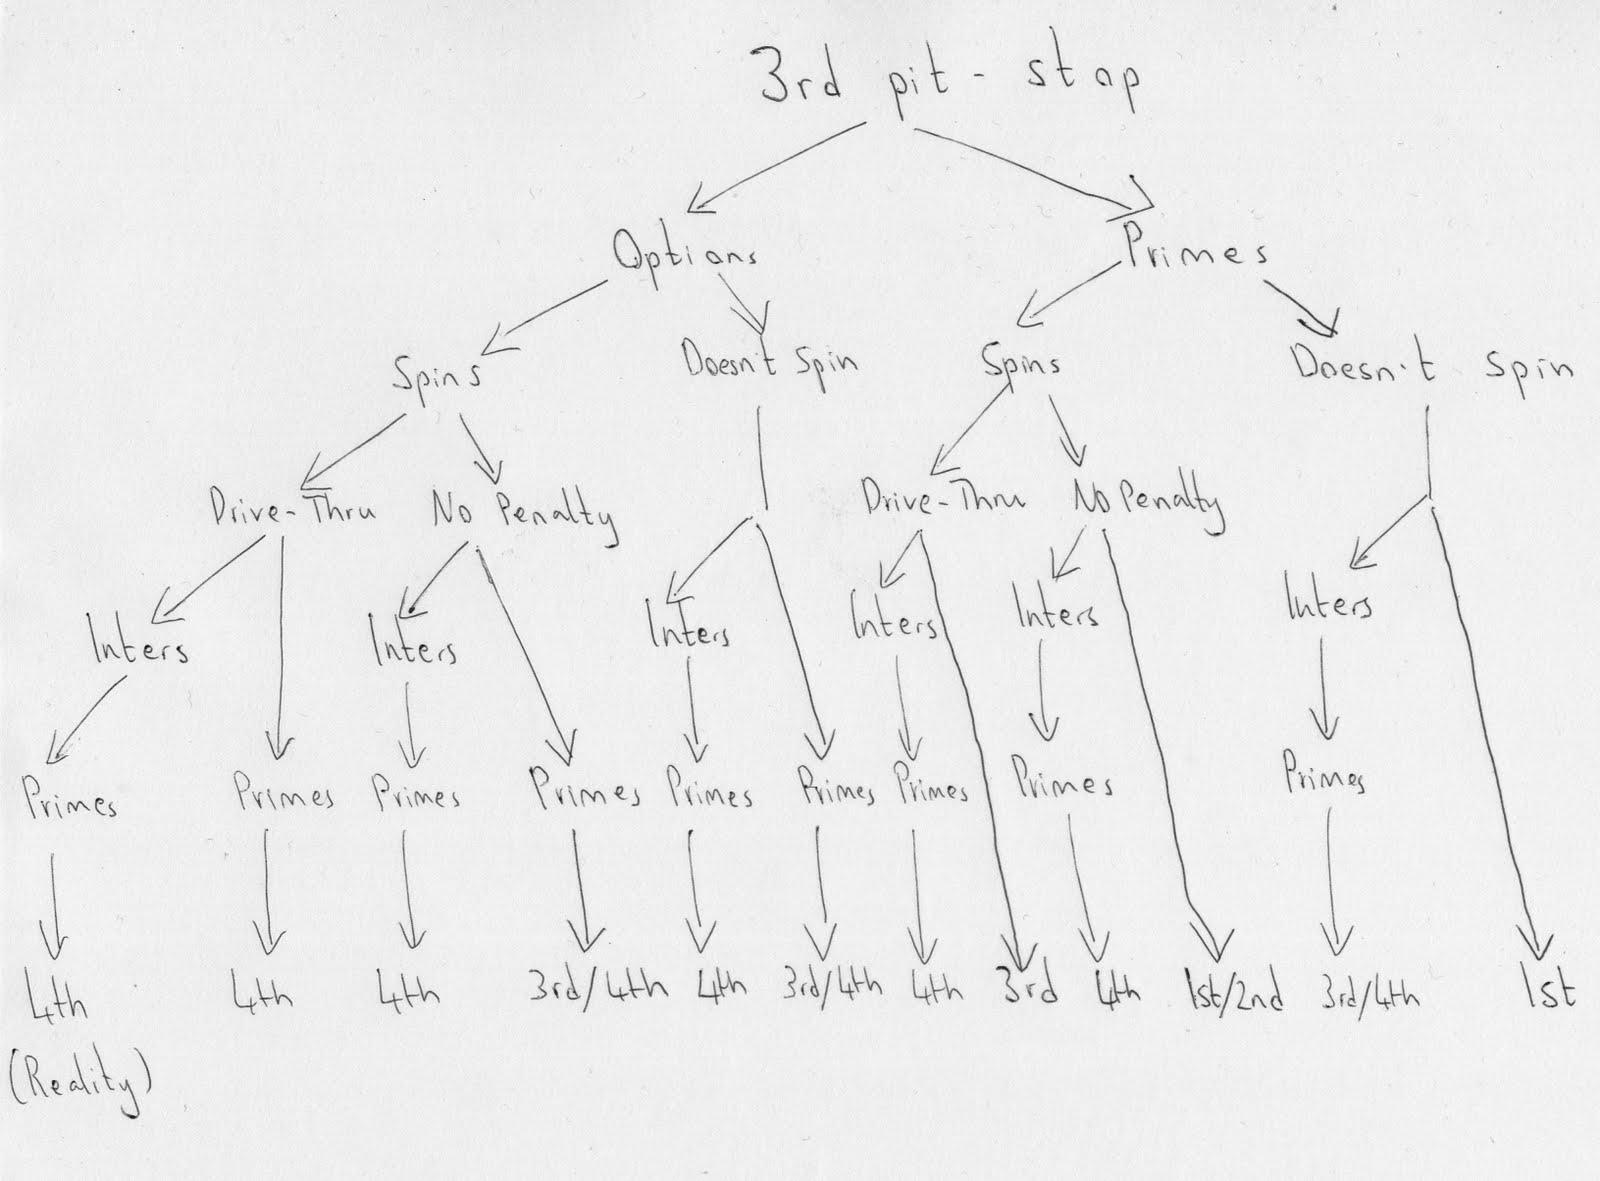 cub cadet 17ba5a7p712 wiring diagram